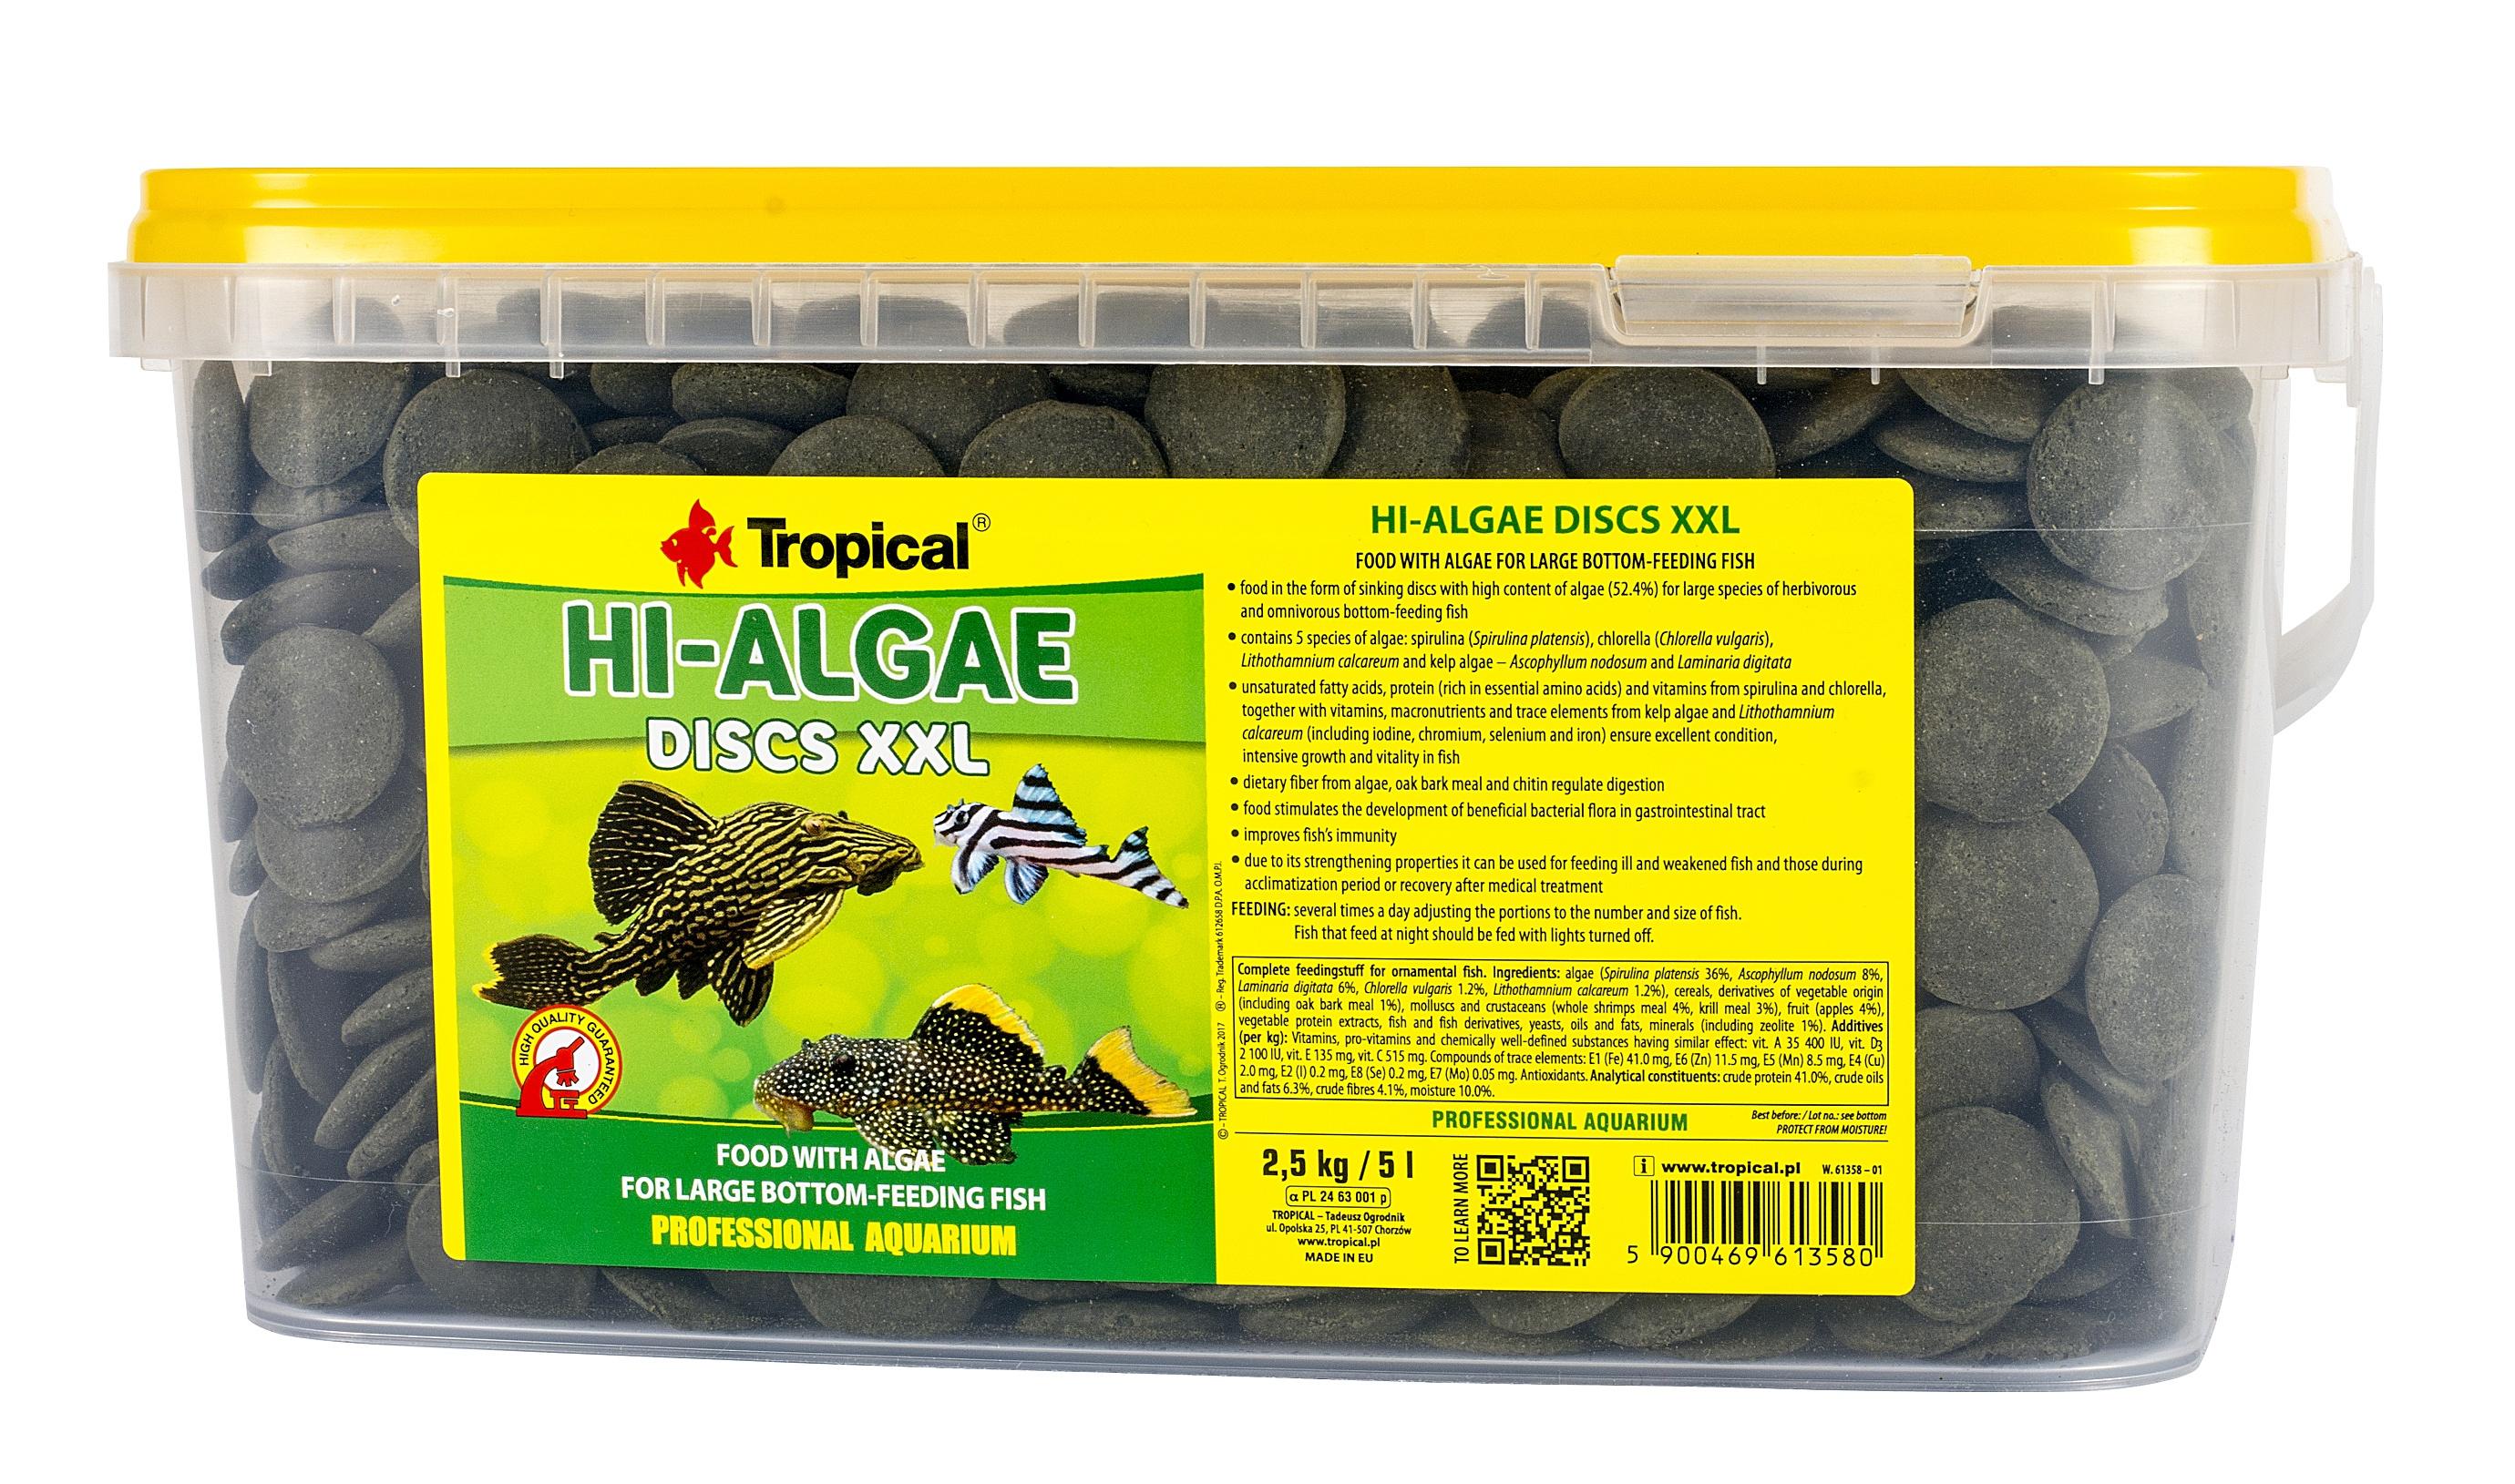 Tropical Hi-Algae Discs XXL - 5 L/2,5 Kg